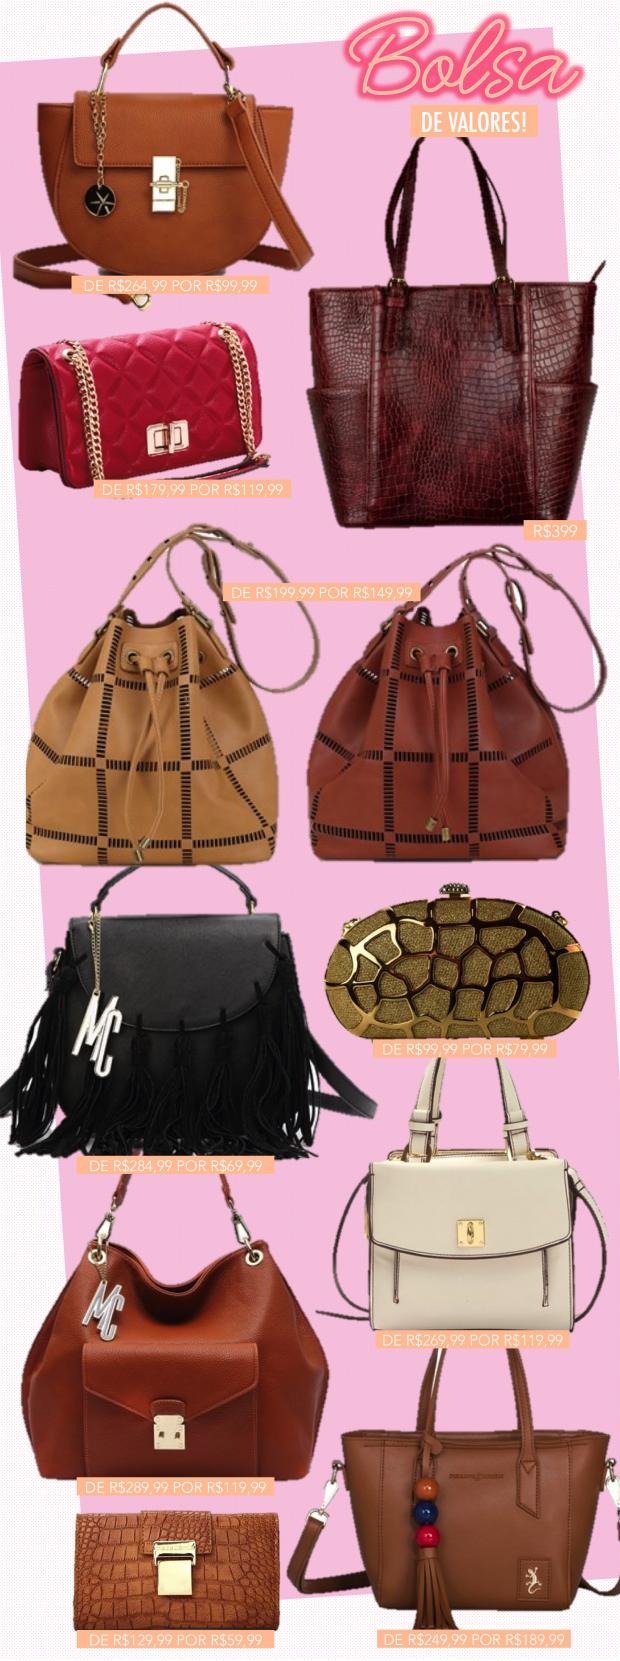 e8ab691a142d5 Bolsas Archives - Página 2 de 18 - Fashionismo